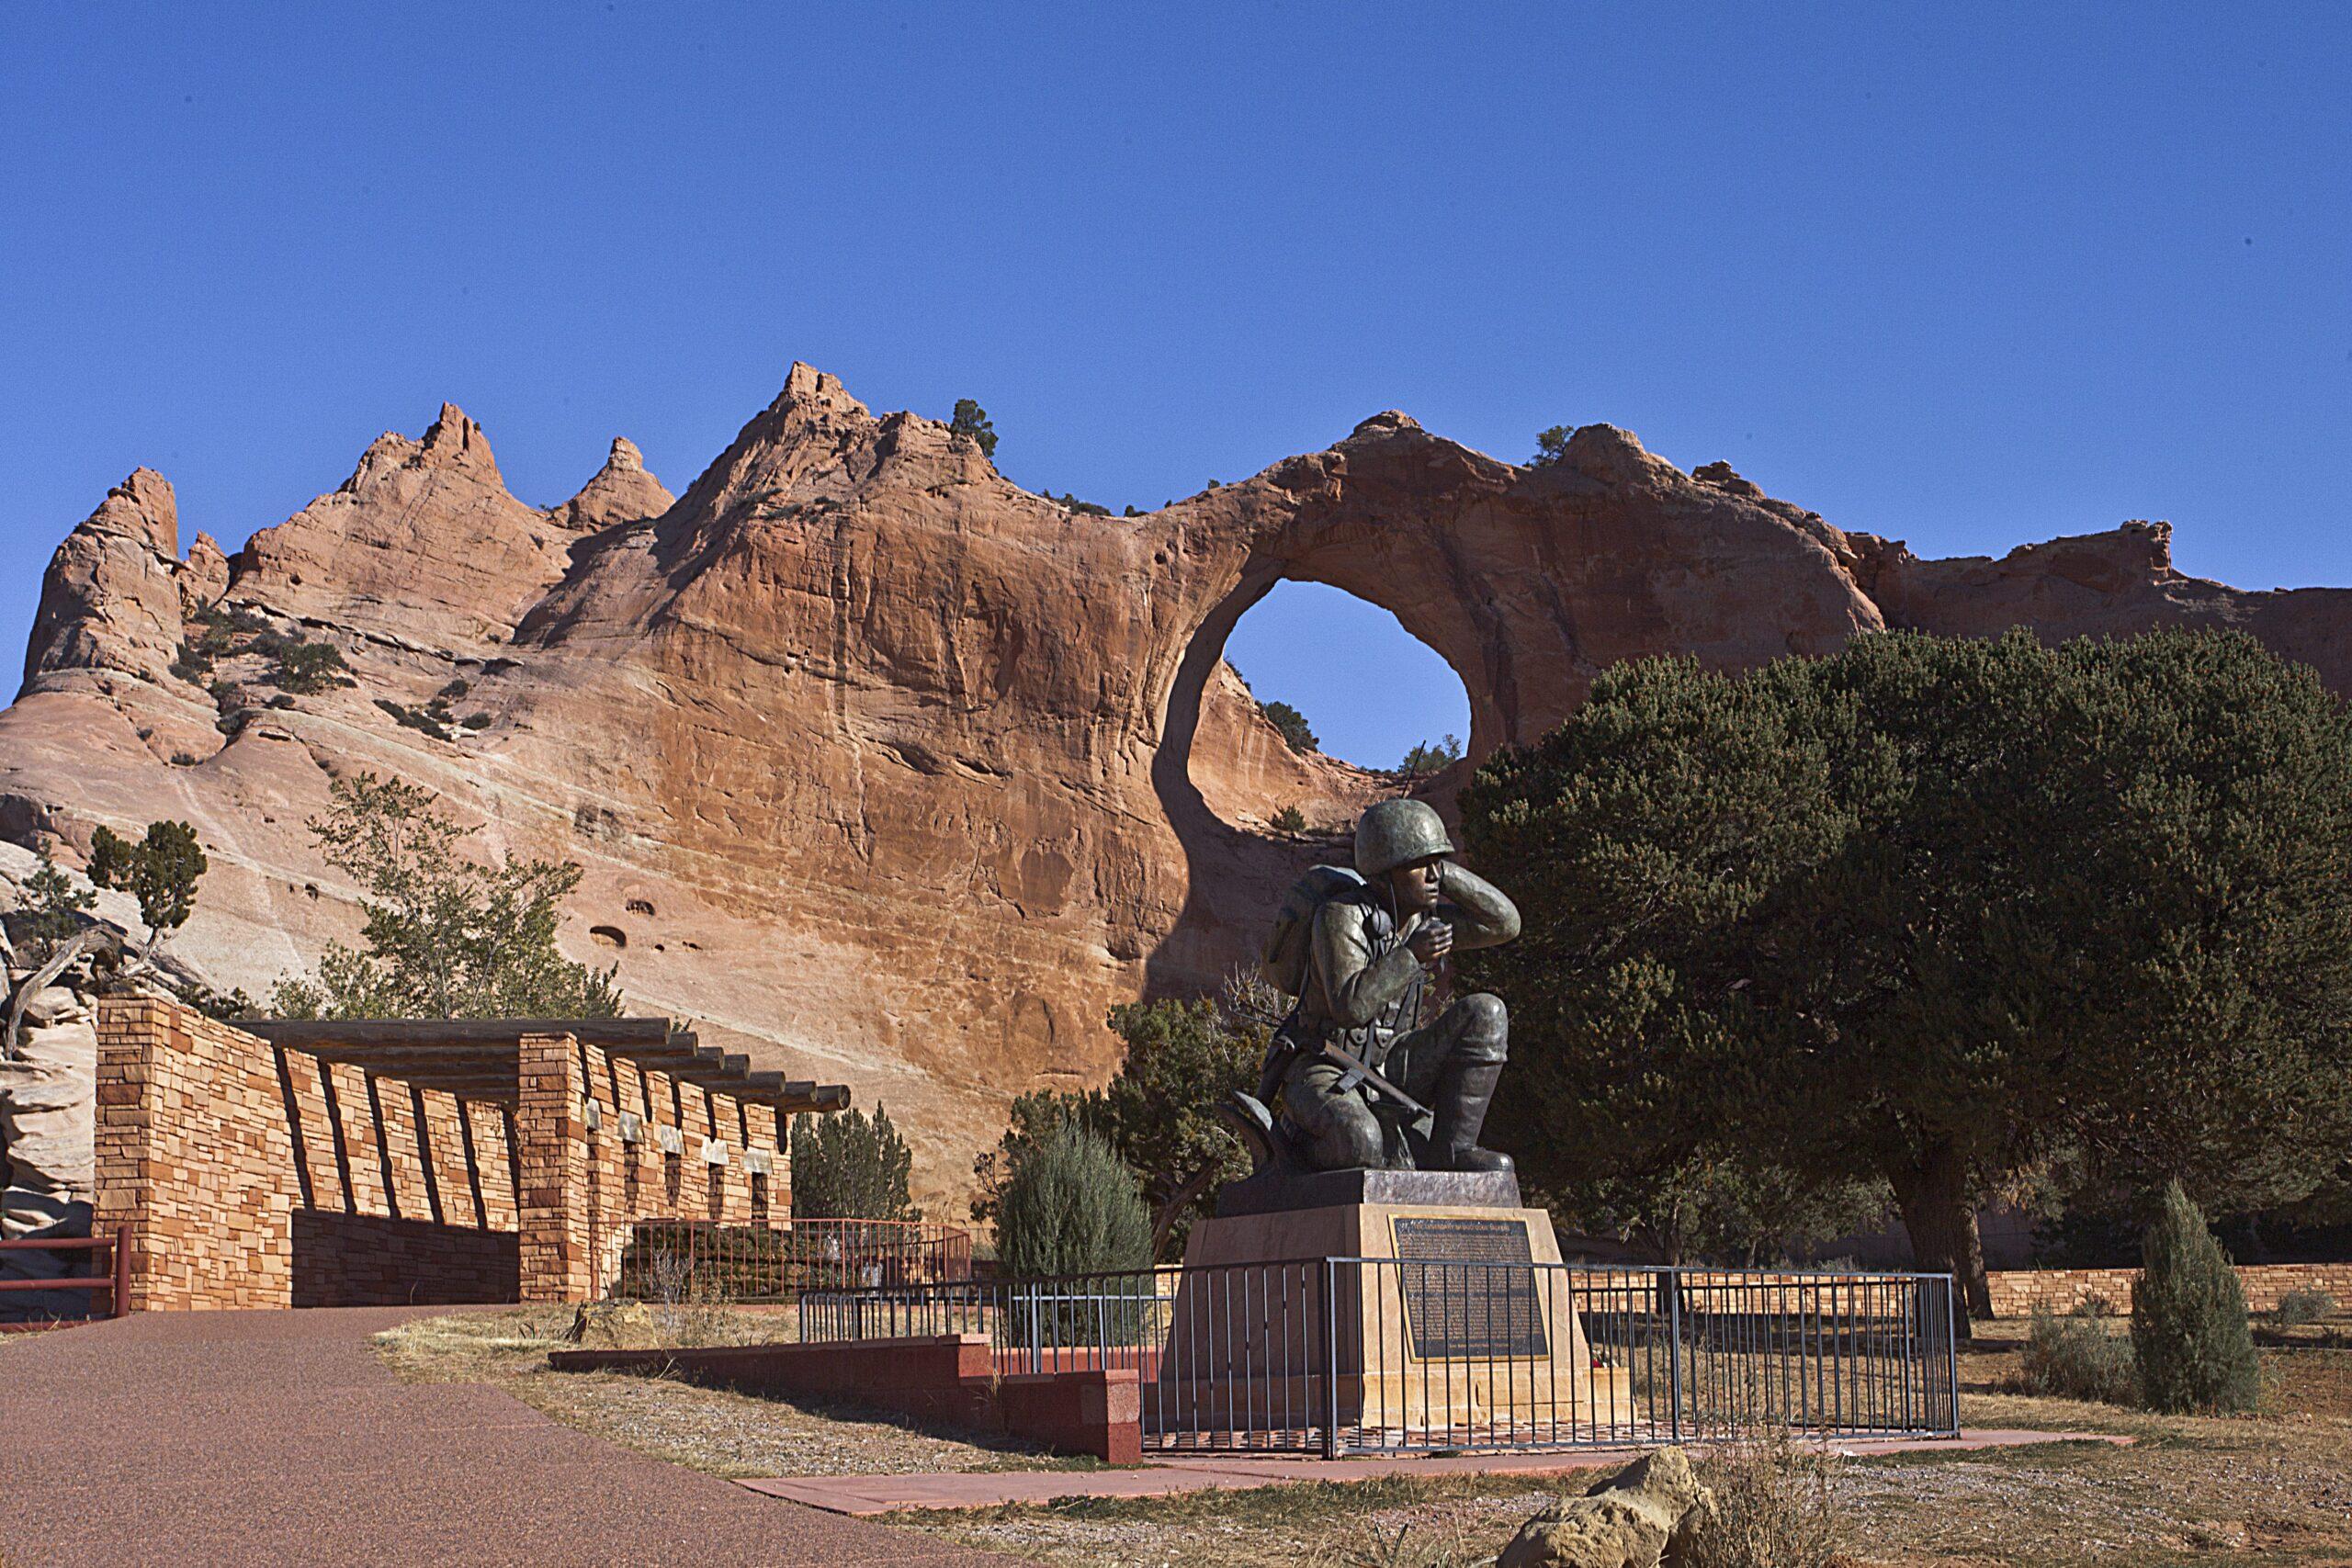 Navajo Code Talker monument in Window Rock